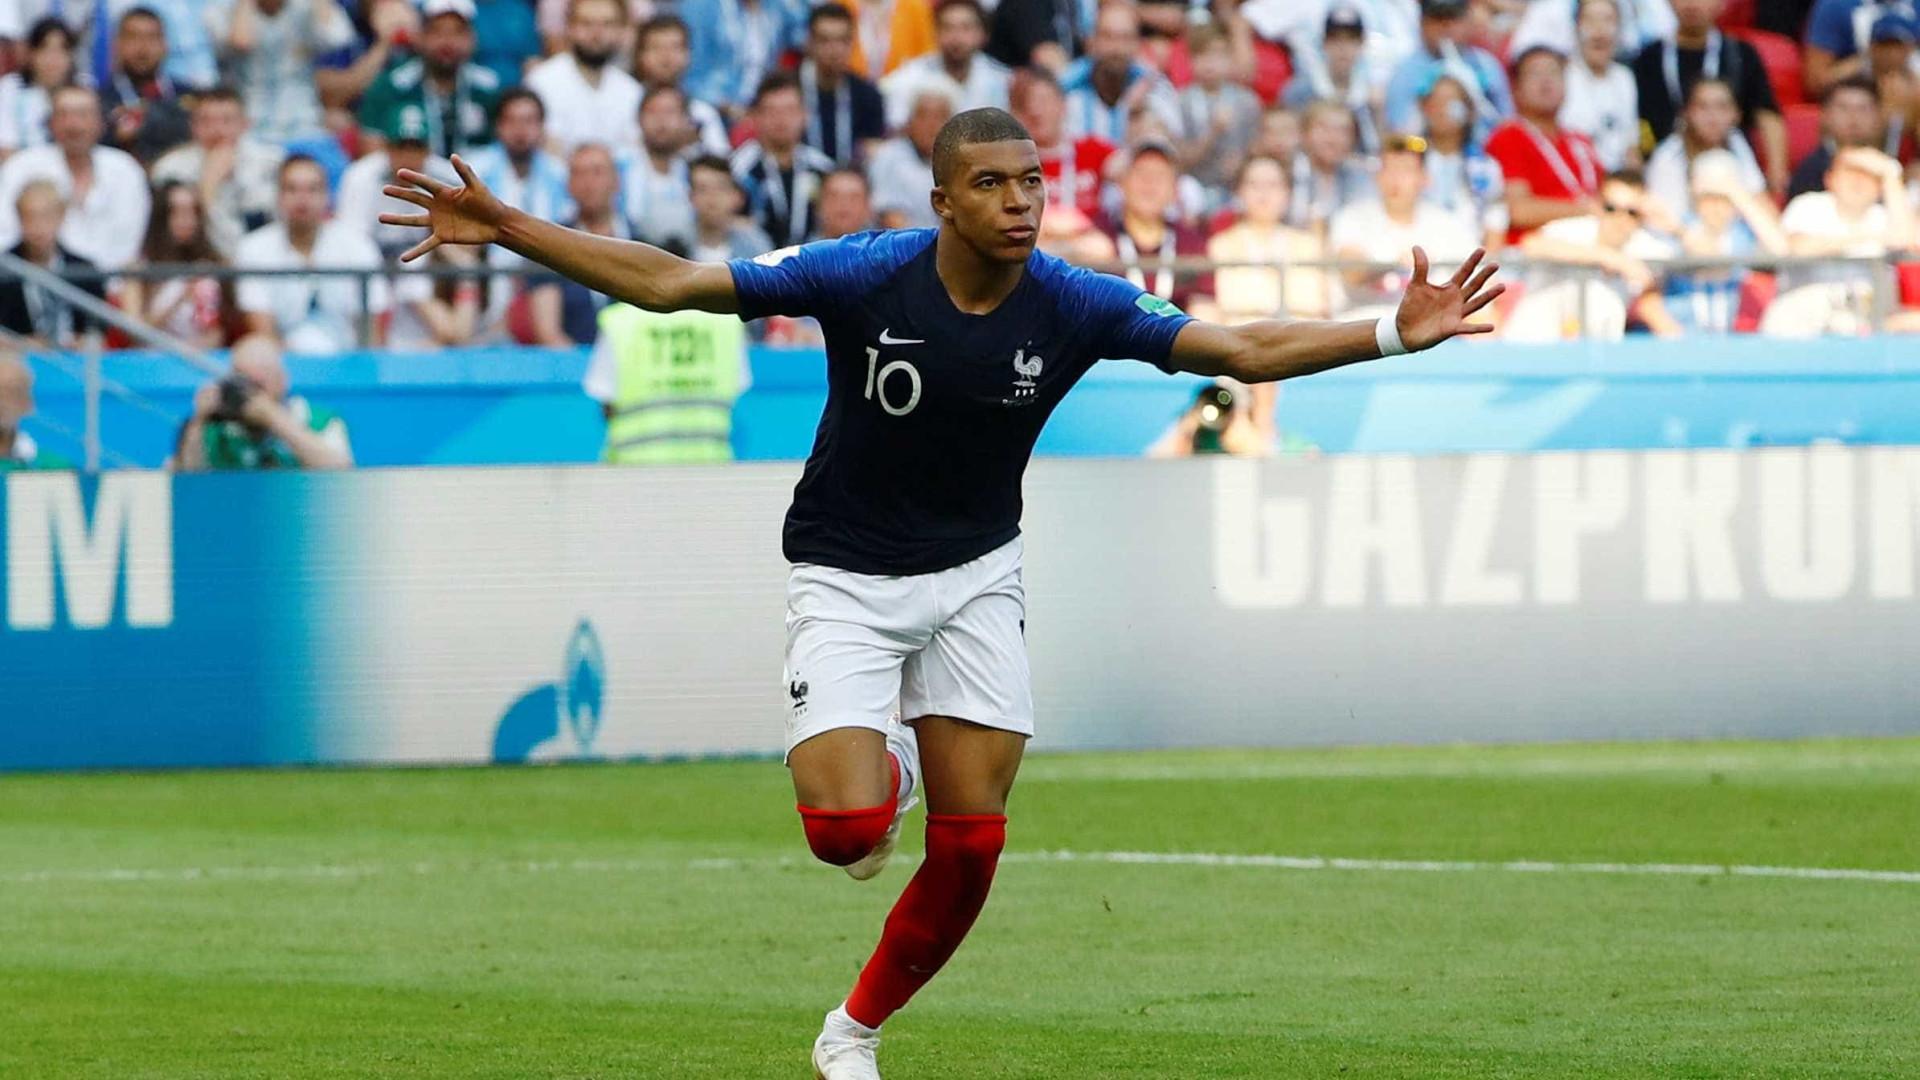 Após novos exames, Mbappé deve desfalcar PSG na Liga dos Campeões